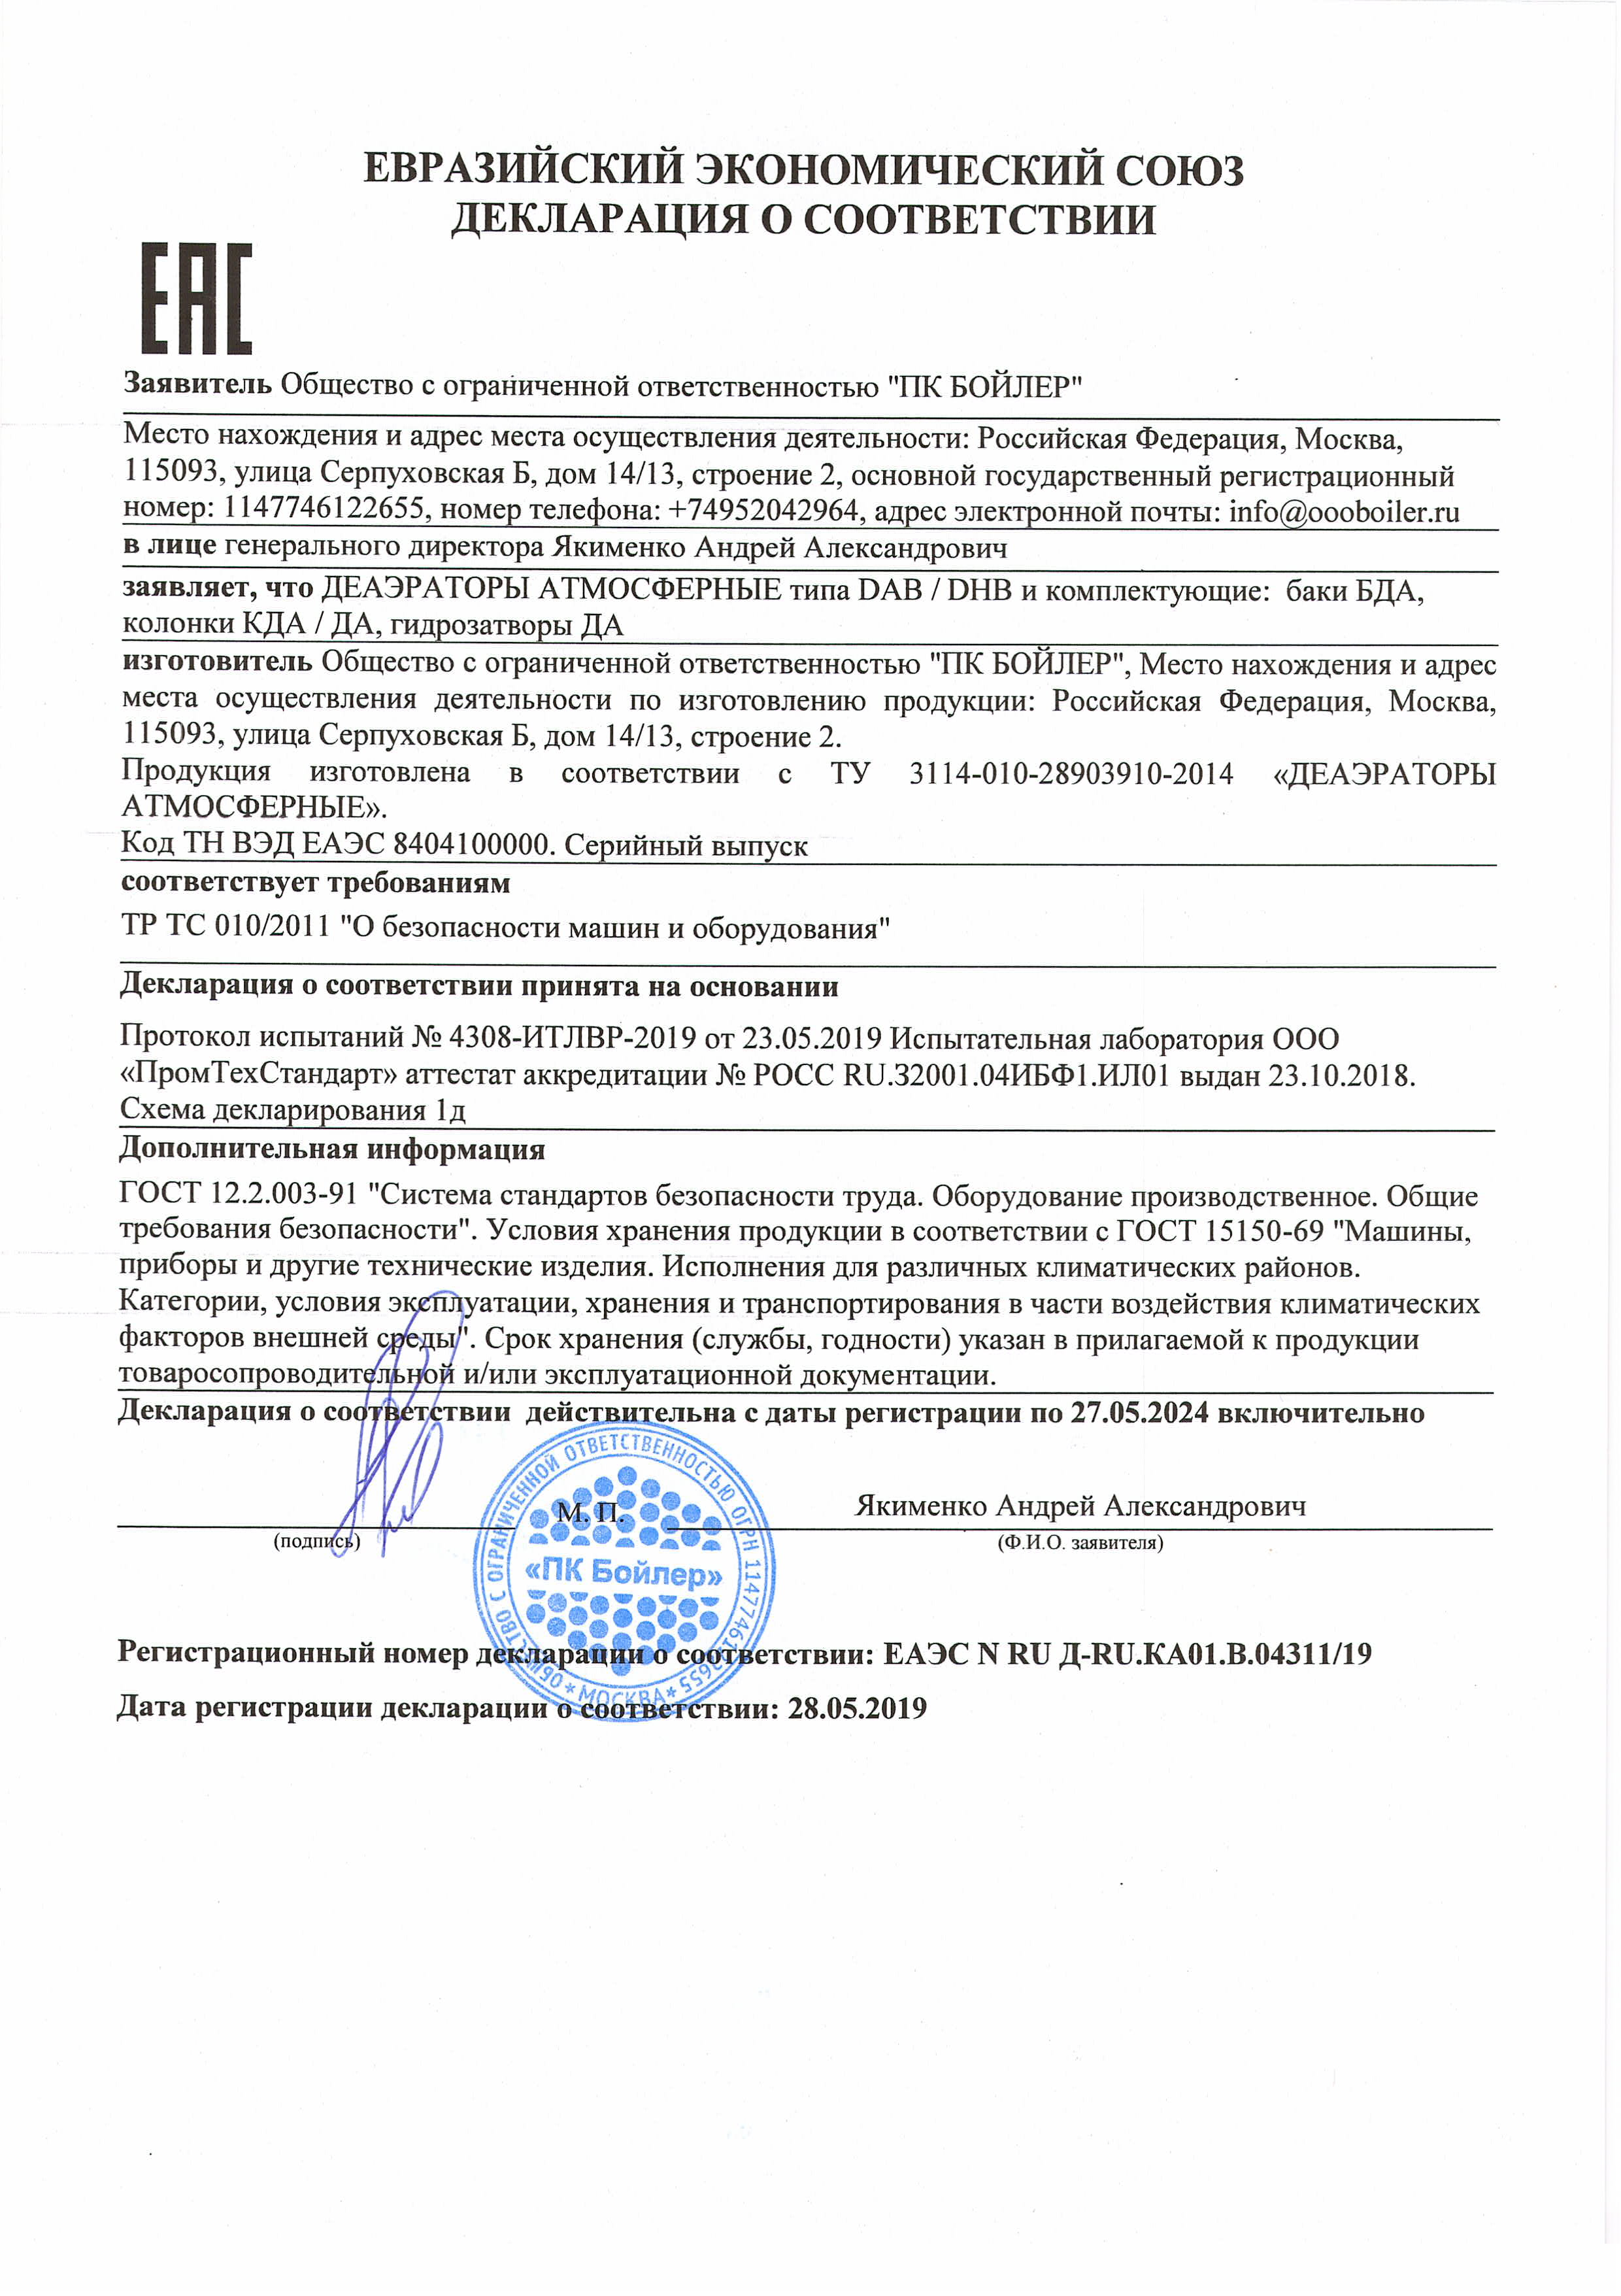 Евразийский экономический союз. Декларация о соответствии. Деаэраторы атмосферные типа DAB/DHB и комплектующие: баки БДА, колонки КДА/ДА, гидрозатворы ДА.